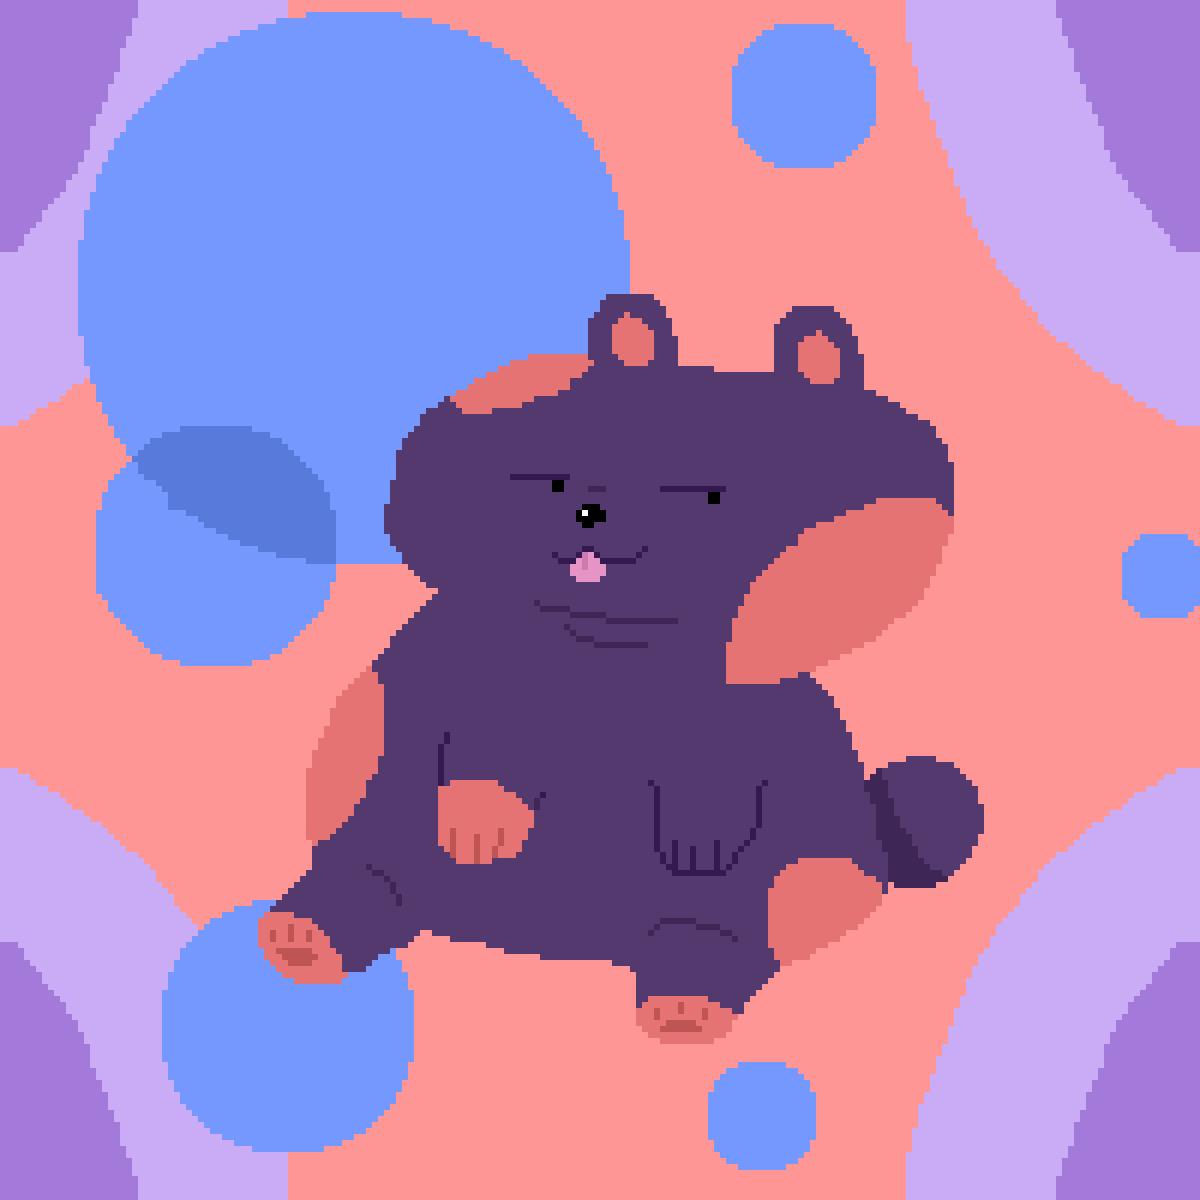 Fluffy by Pixil-Potato